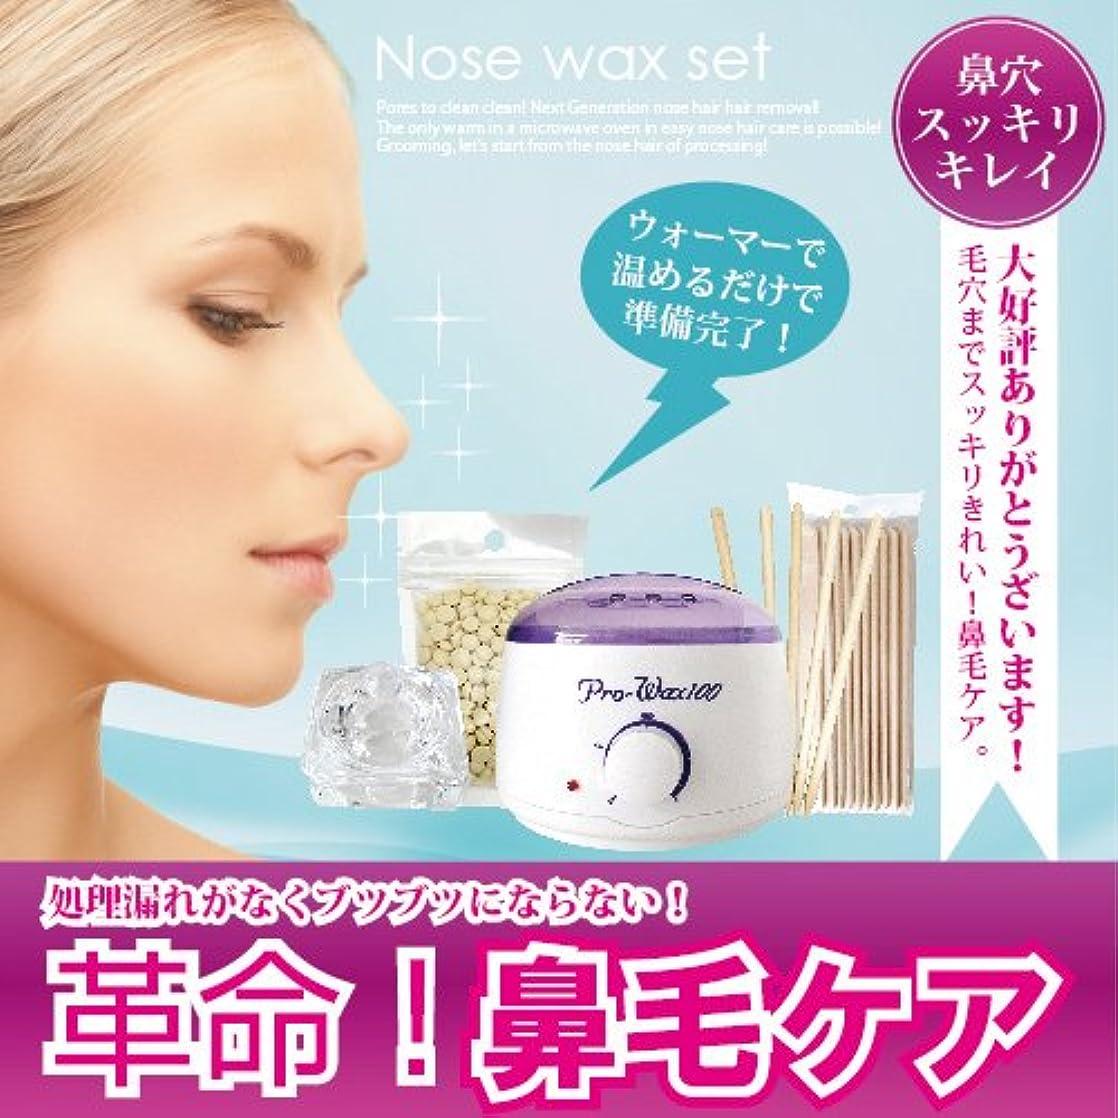 剃るナサニエル区画面ブラジリアンワックス Nose wax setウォーマー付ノーズワックス鼻毛ケアセット(約12回分)